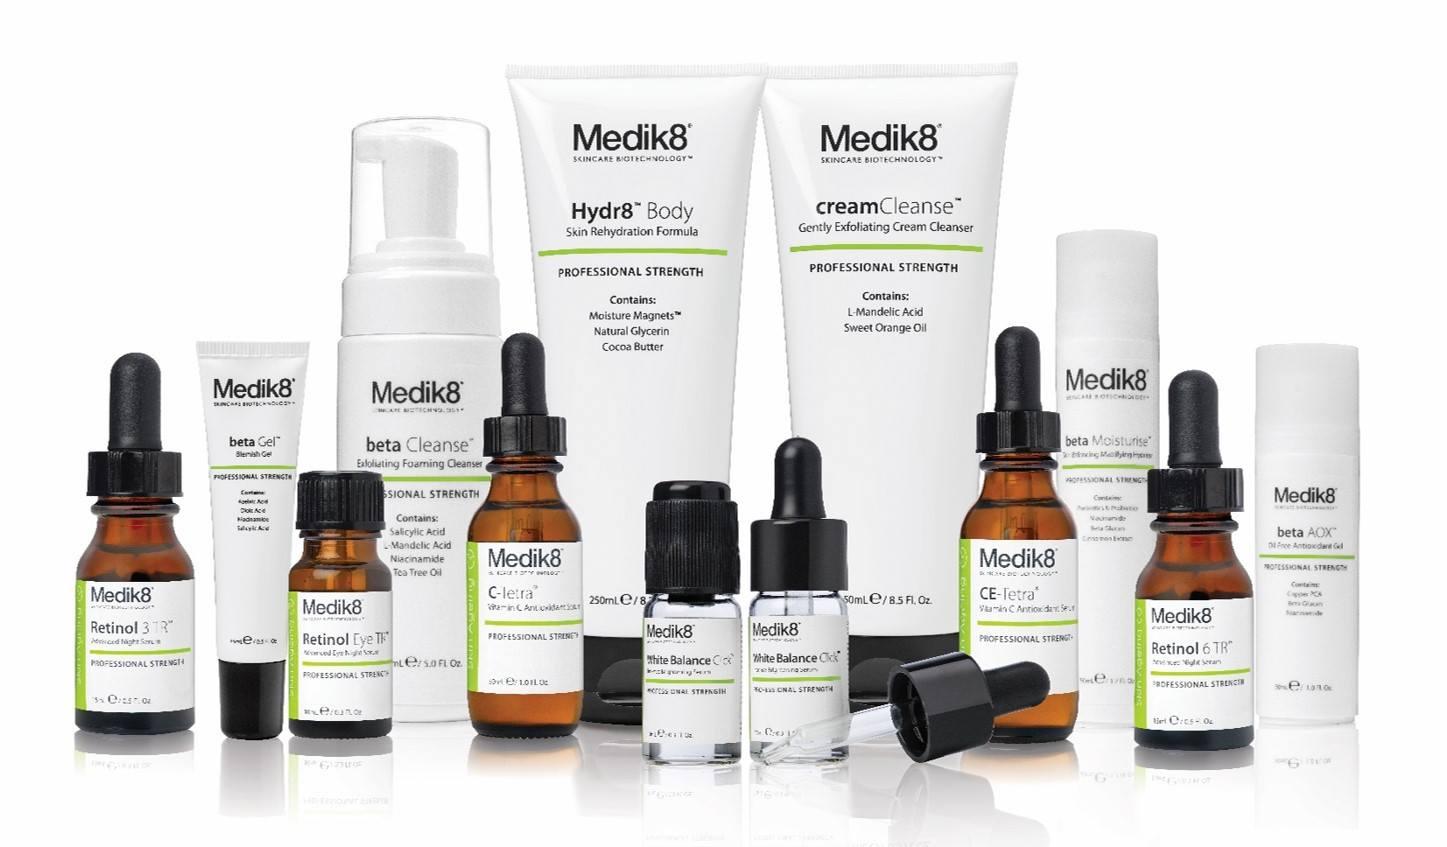 Nouvelle Beauté - Medik8